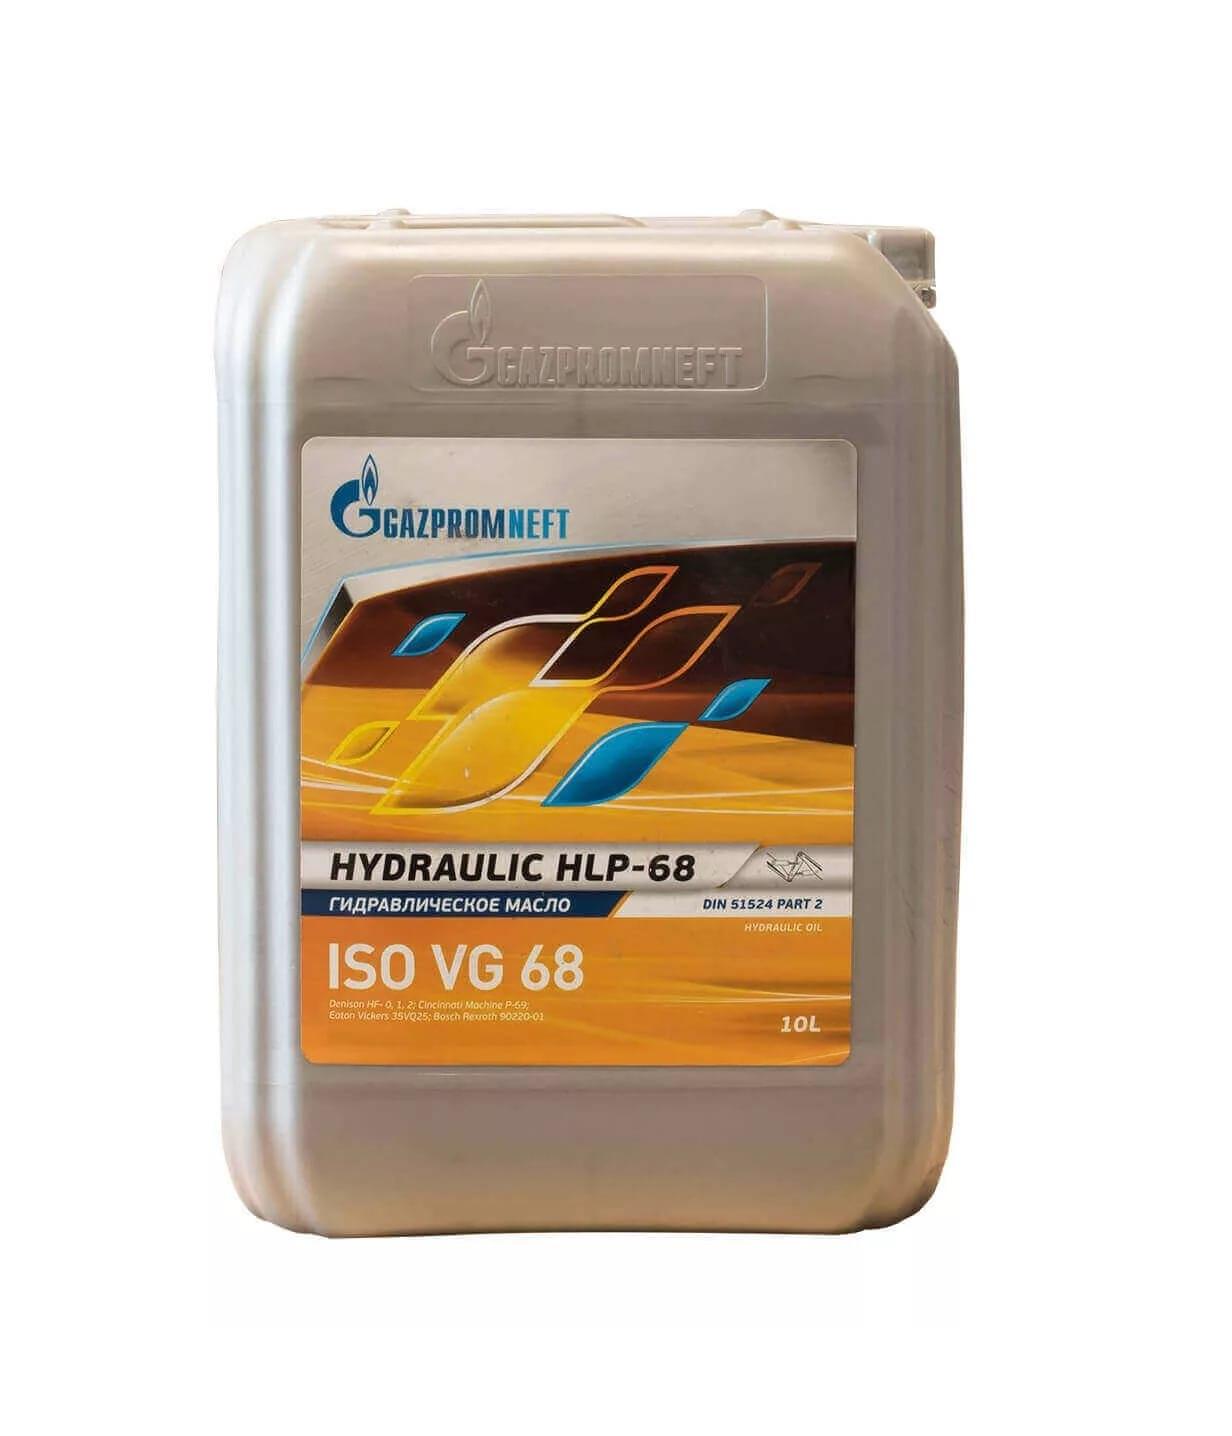 Газпромнефть Hydraulic HLP 68 10л